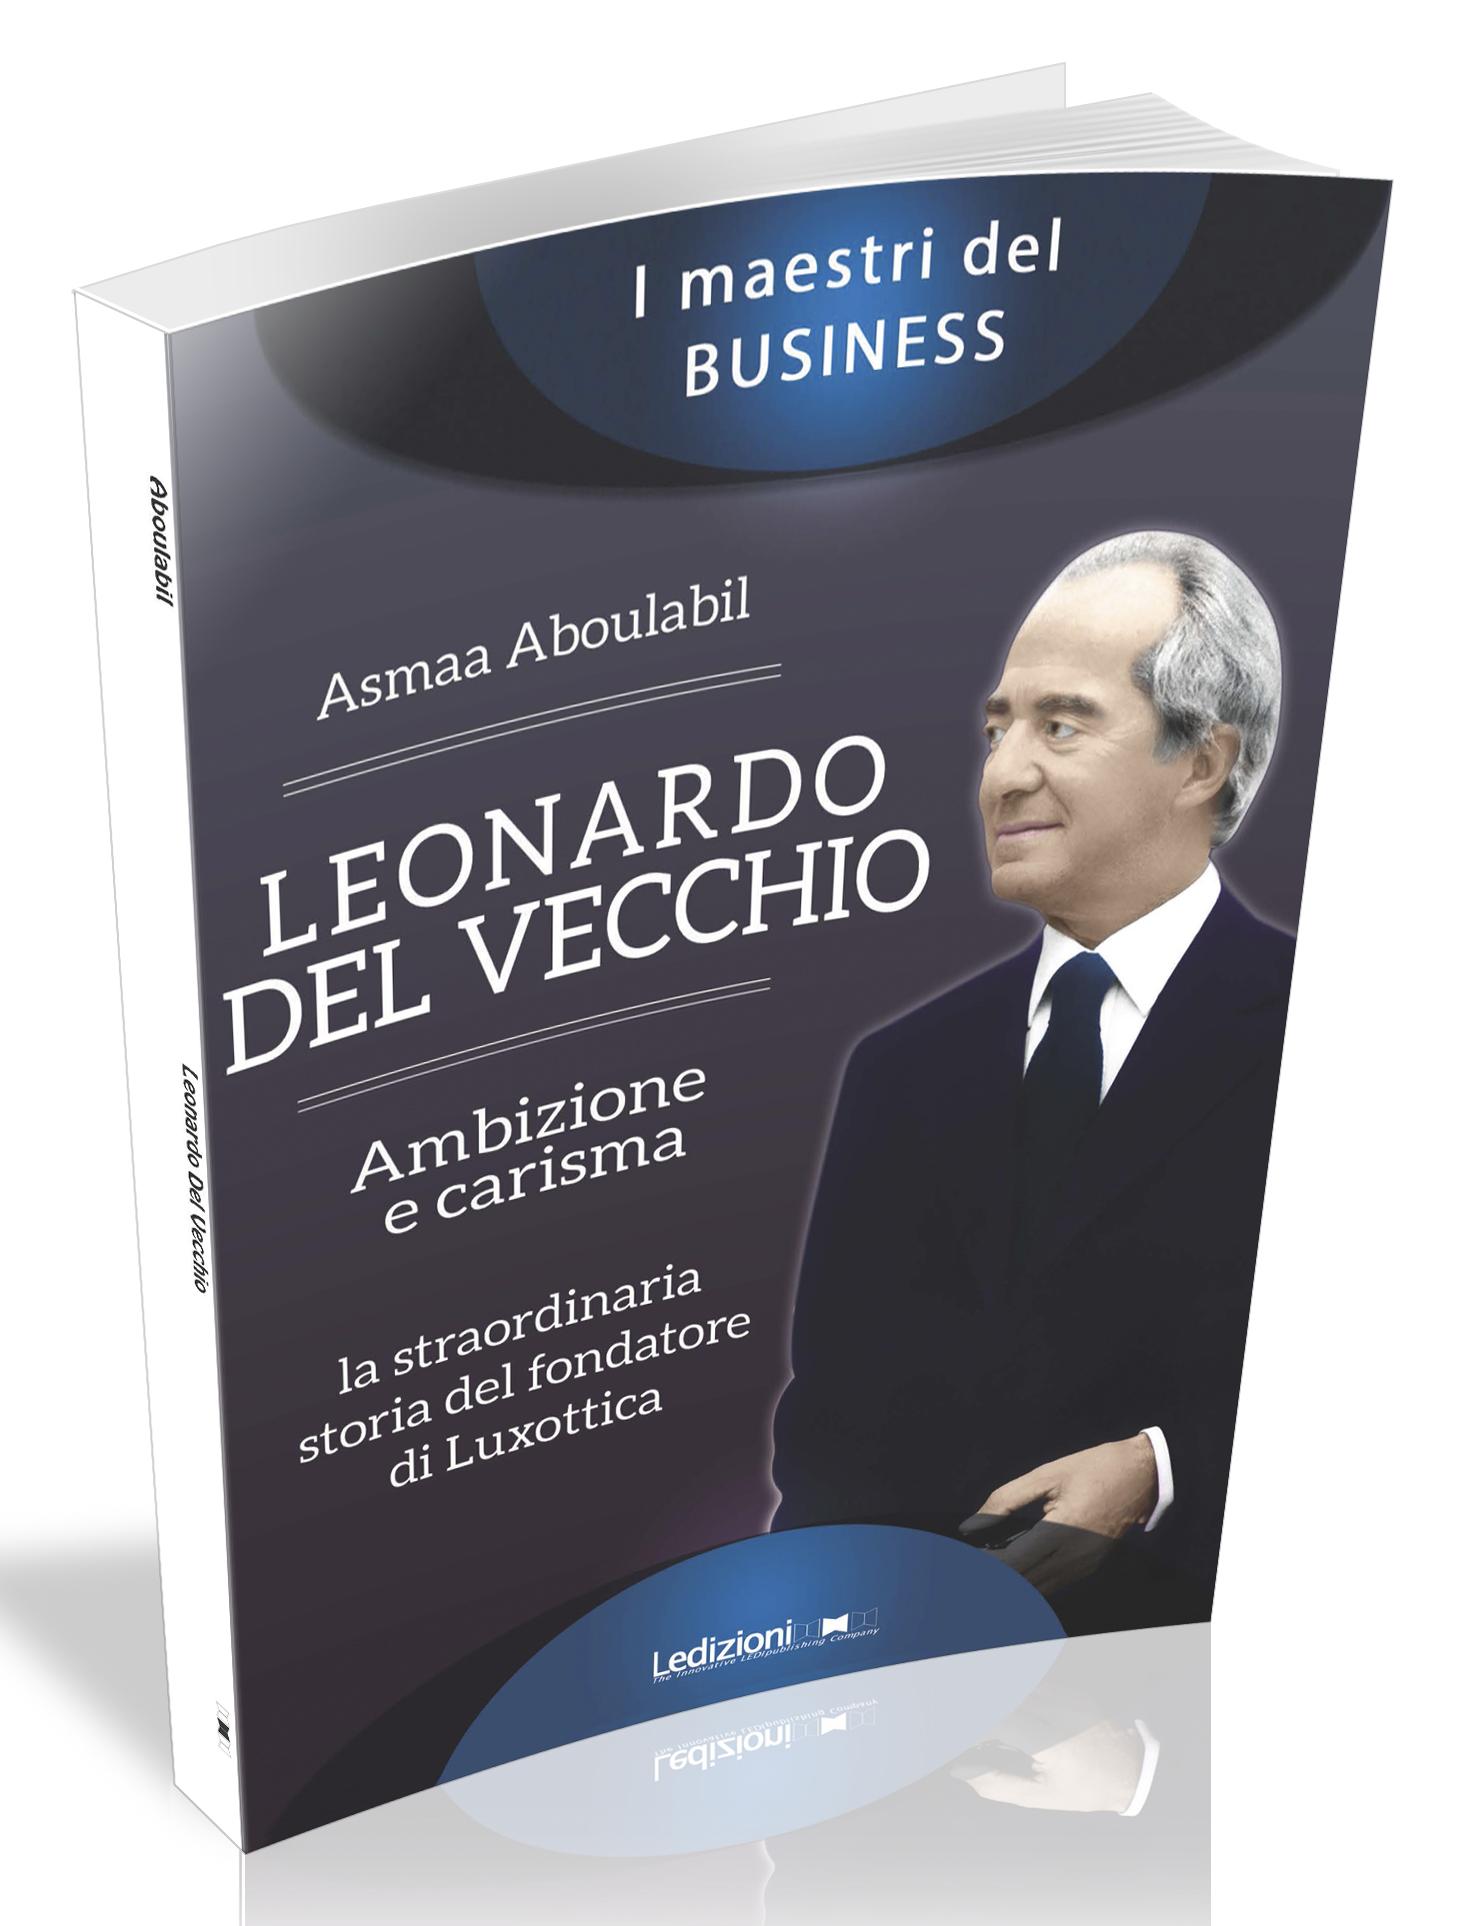 LEONARDO DEL VECCHIO  AMBIZIONE E CARISMA -